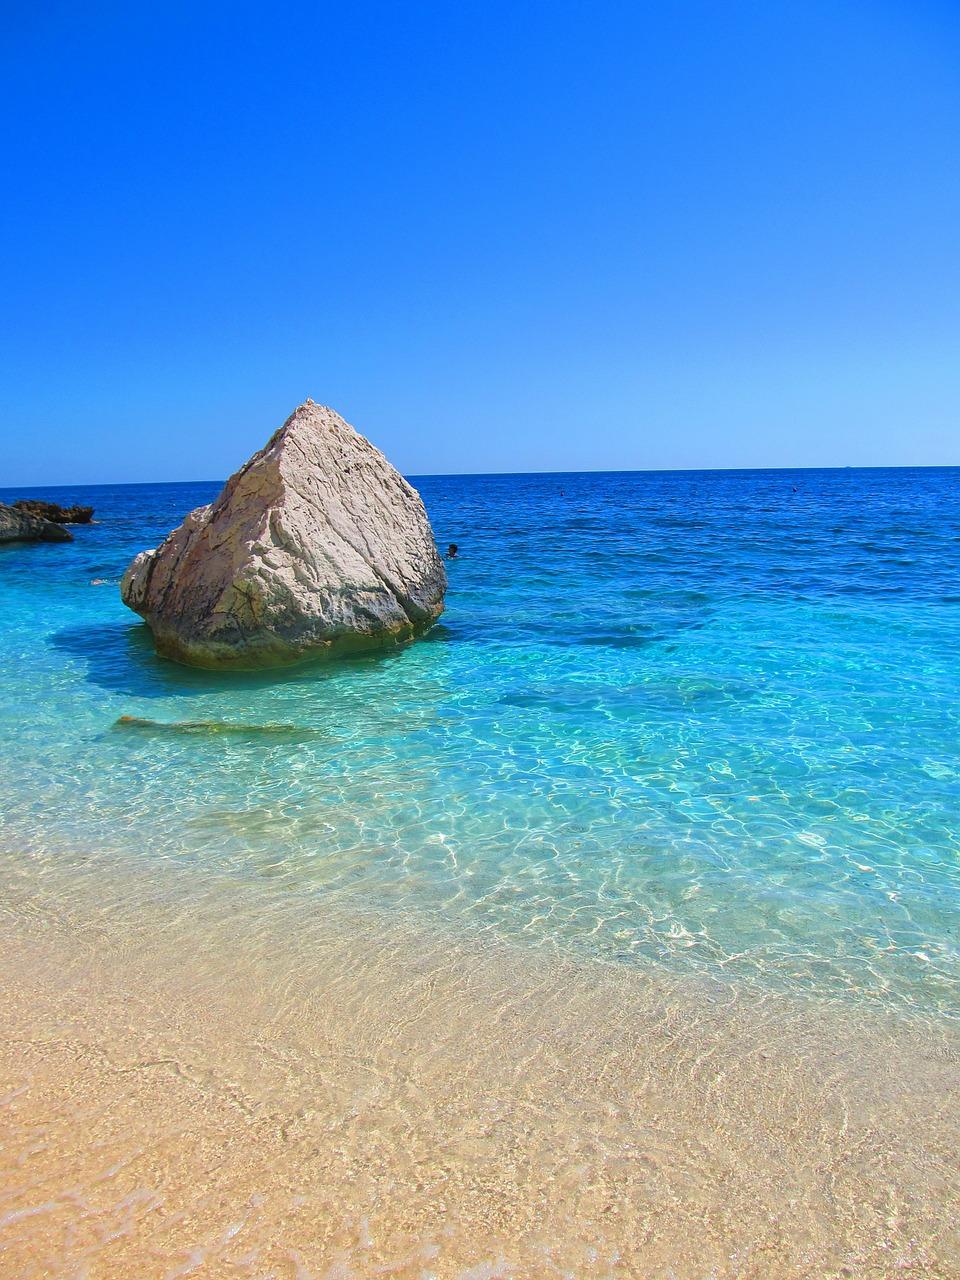 Seas of Sardinia